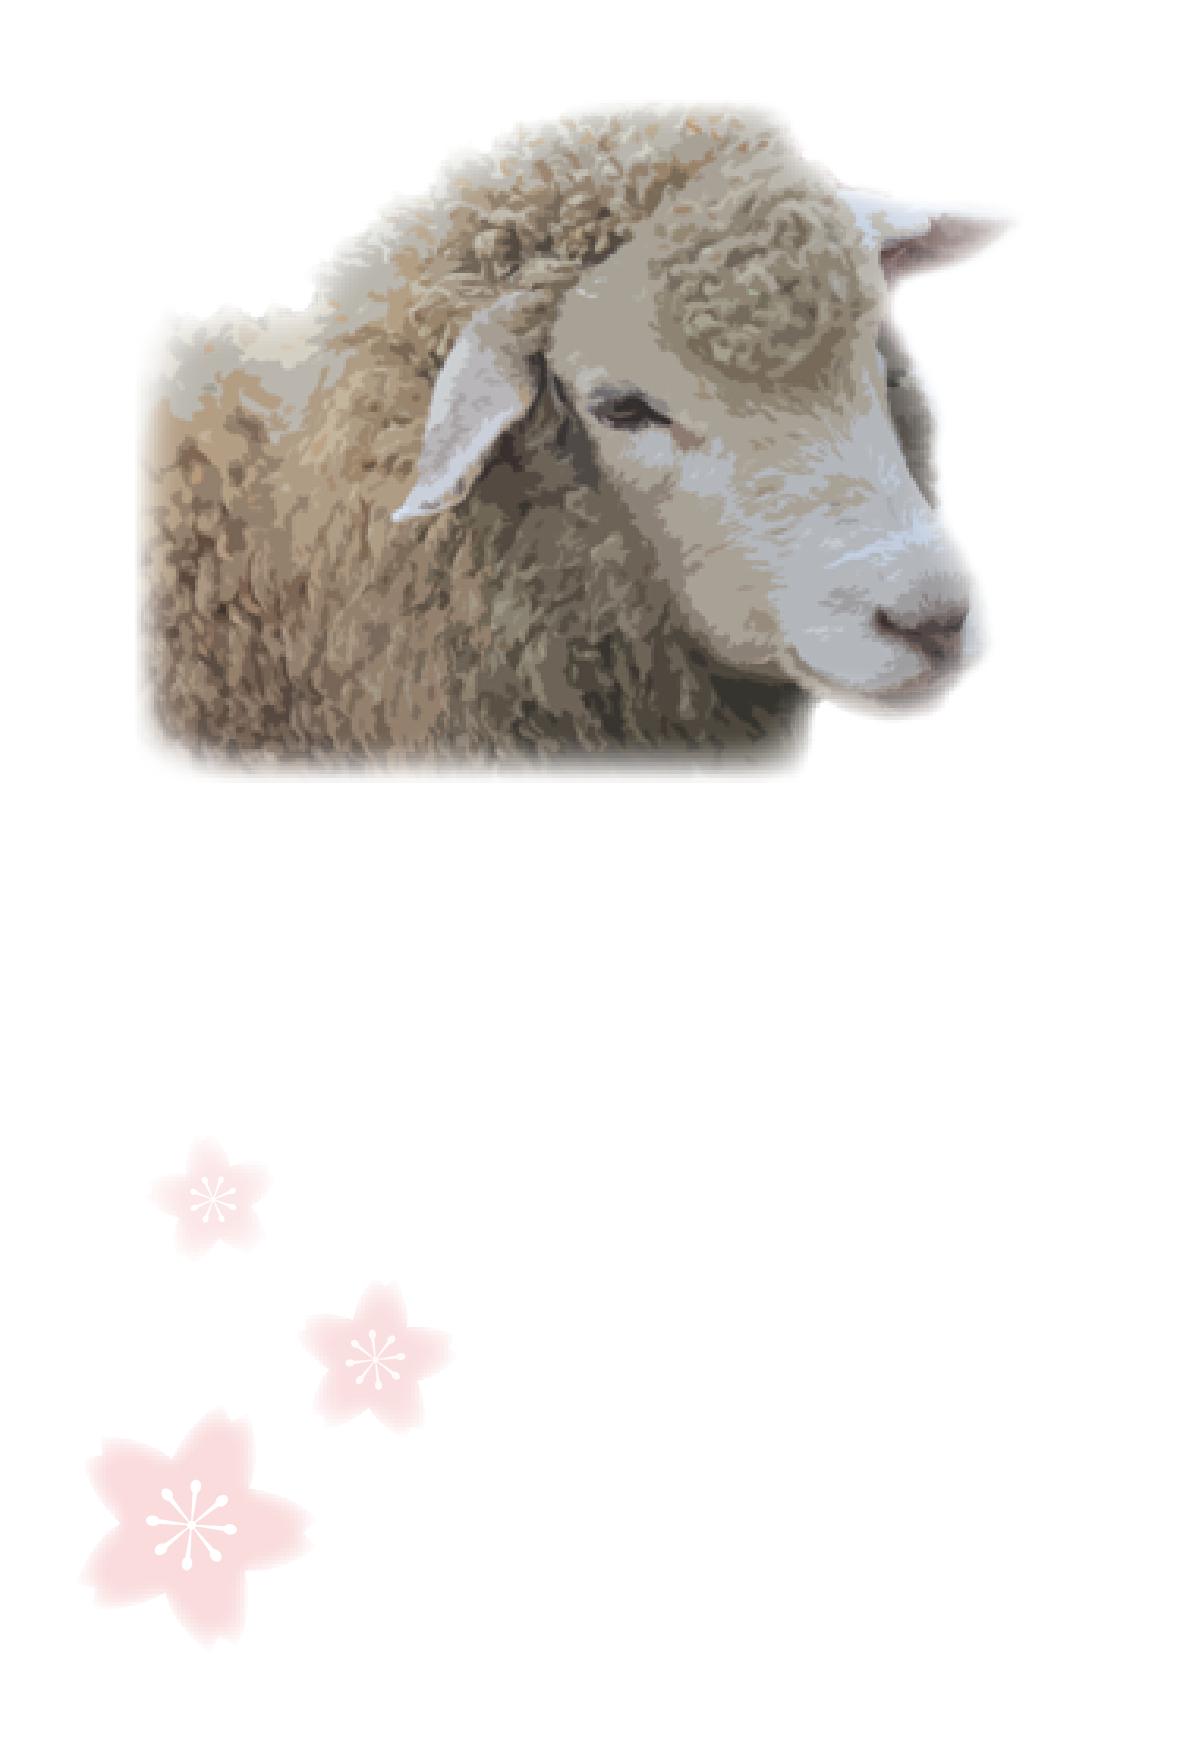 羊の顔と桜のワンポイント(文字なし)